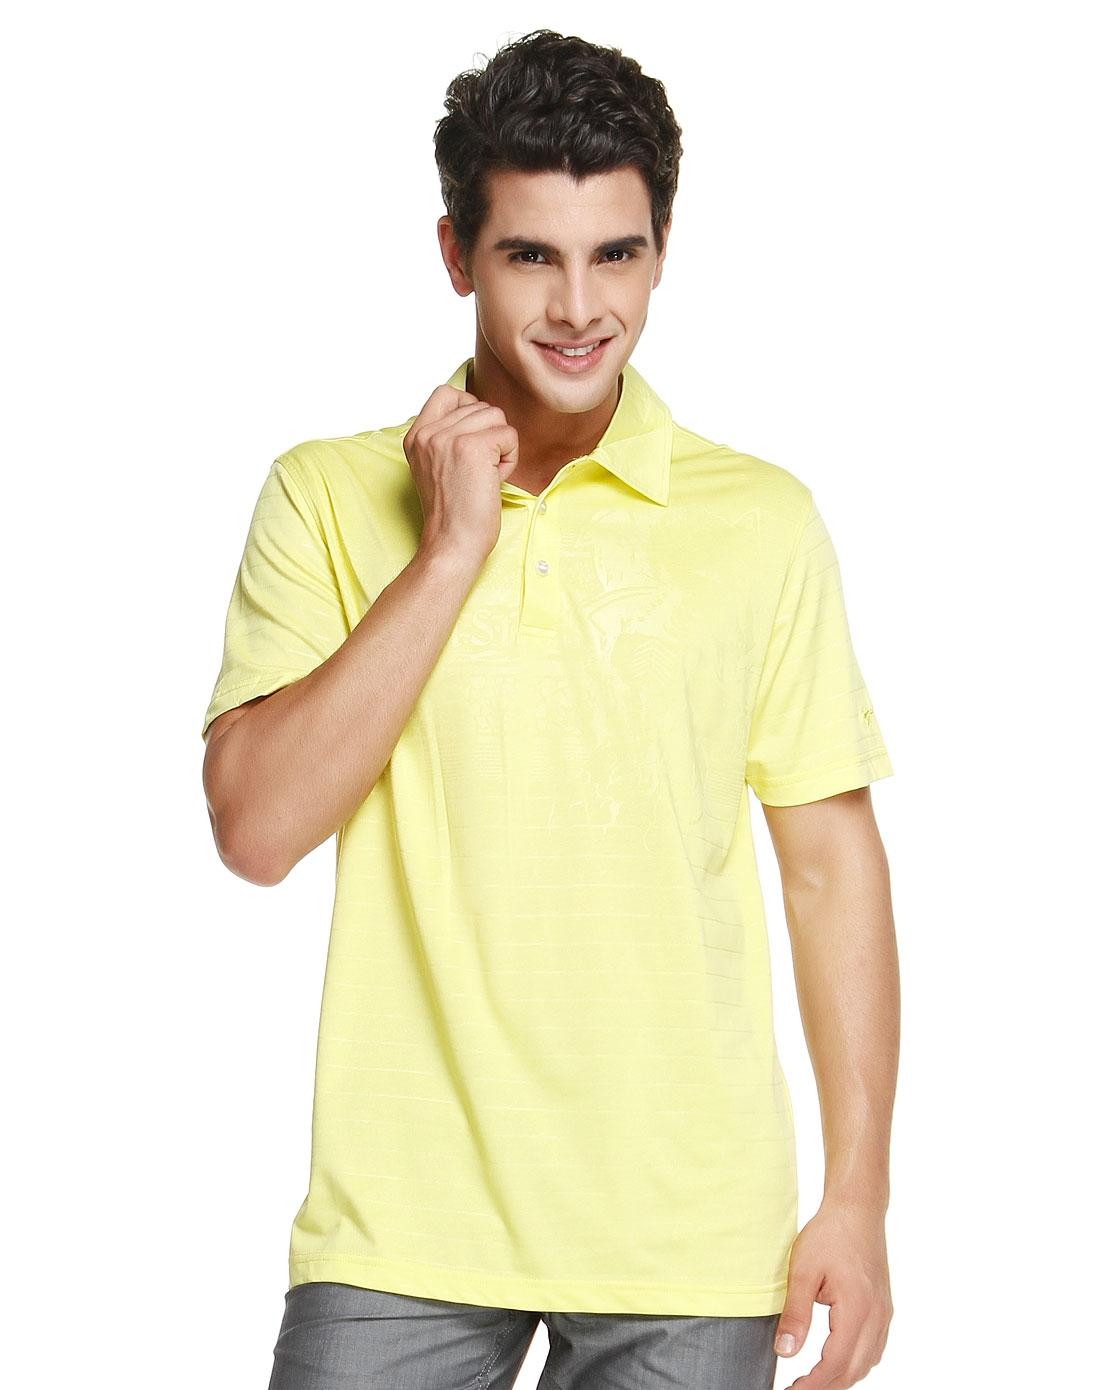 净色简约明黄色短袖polo衫